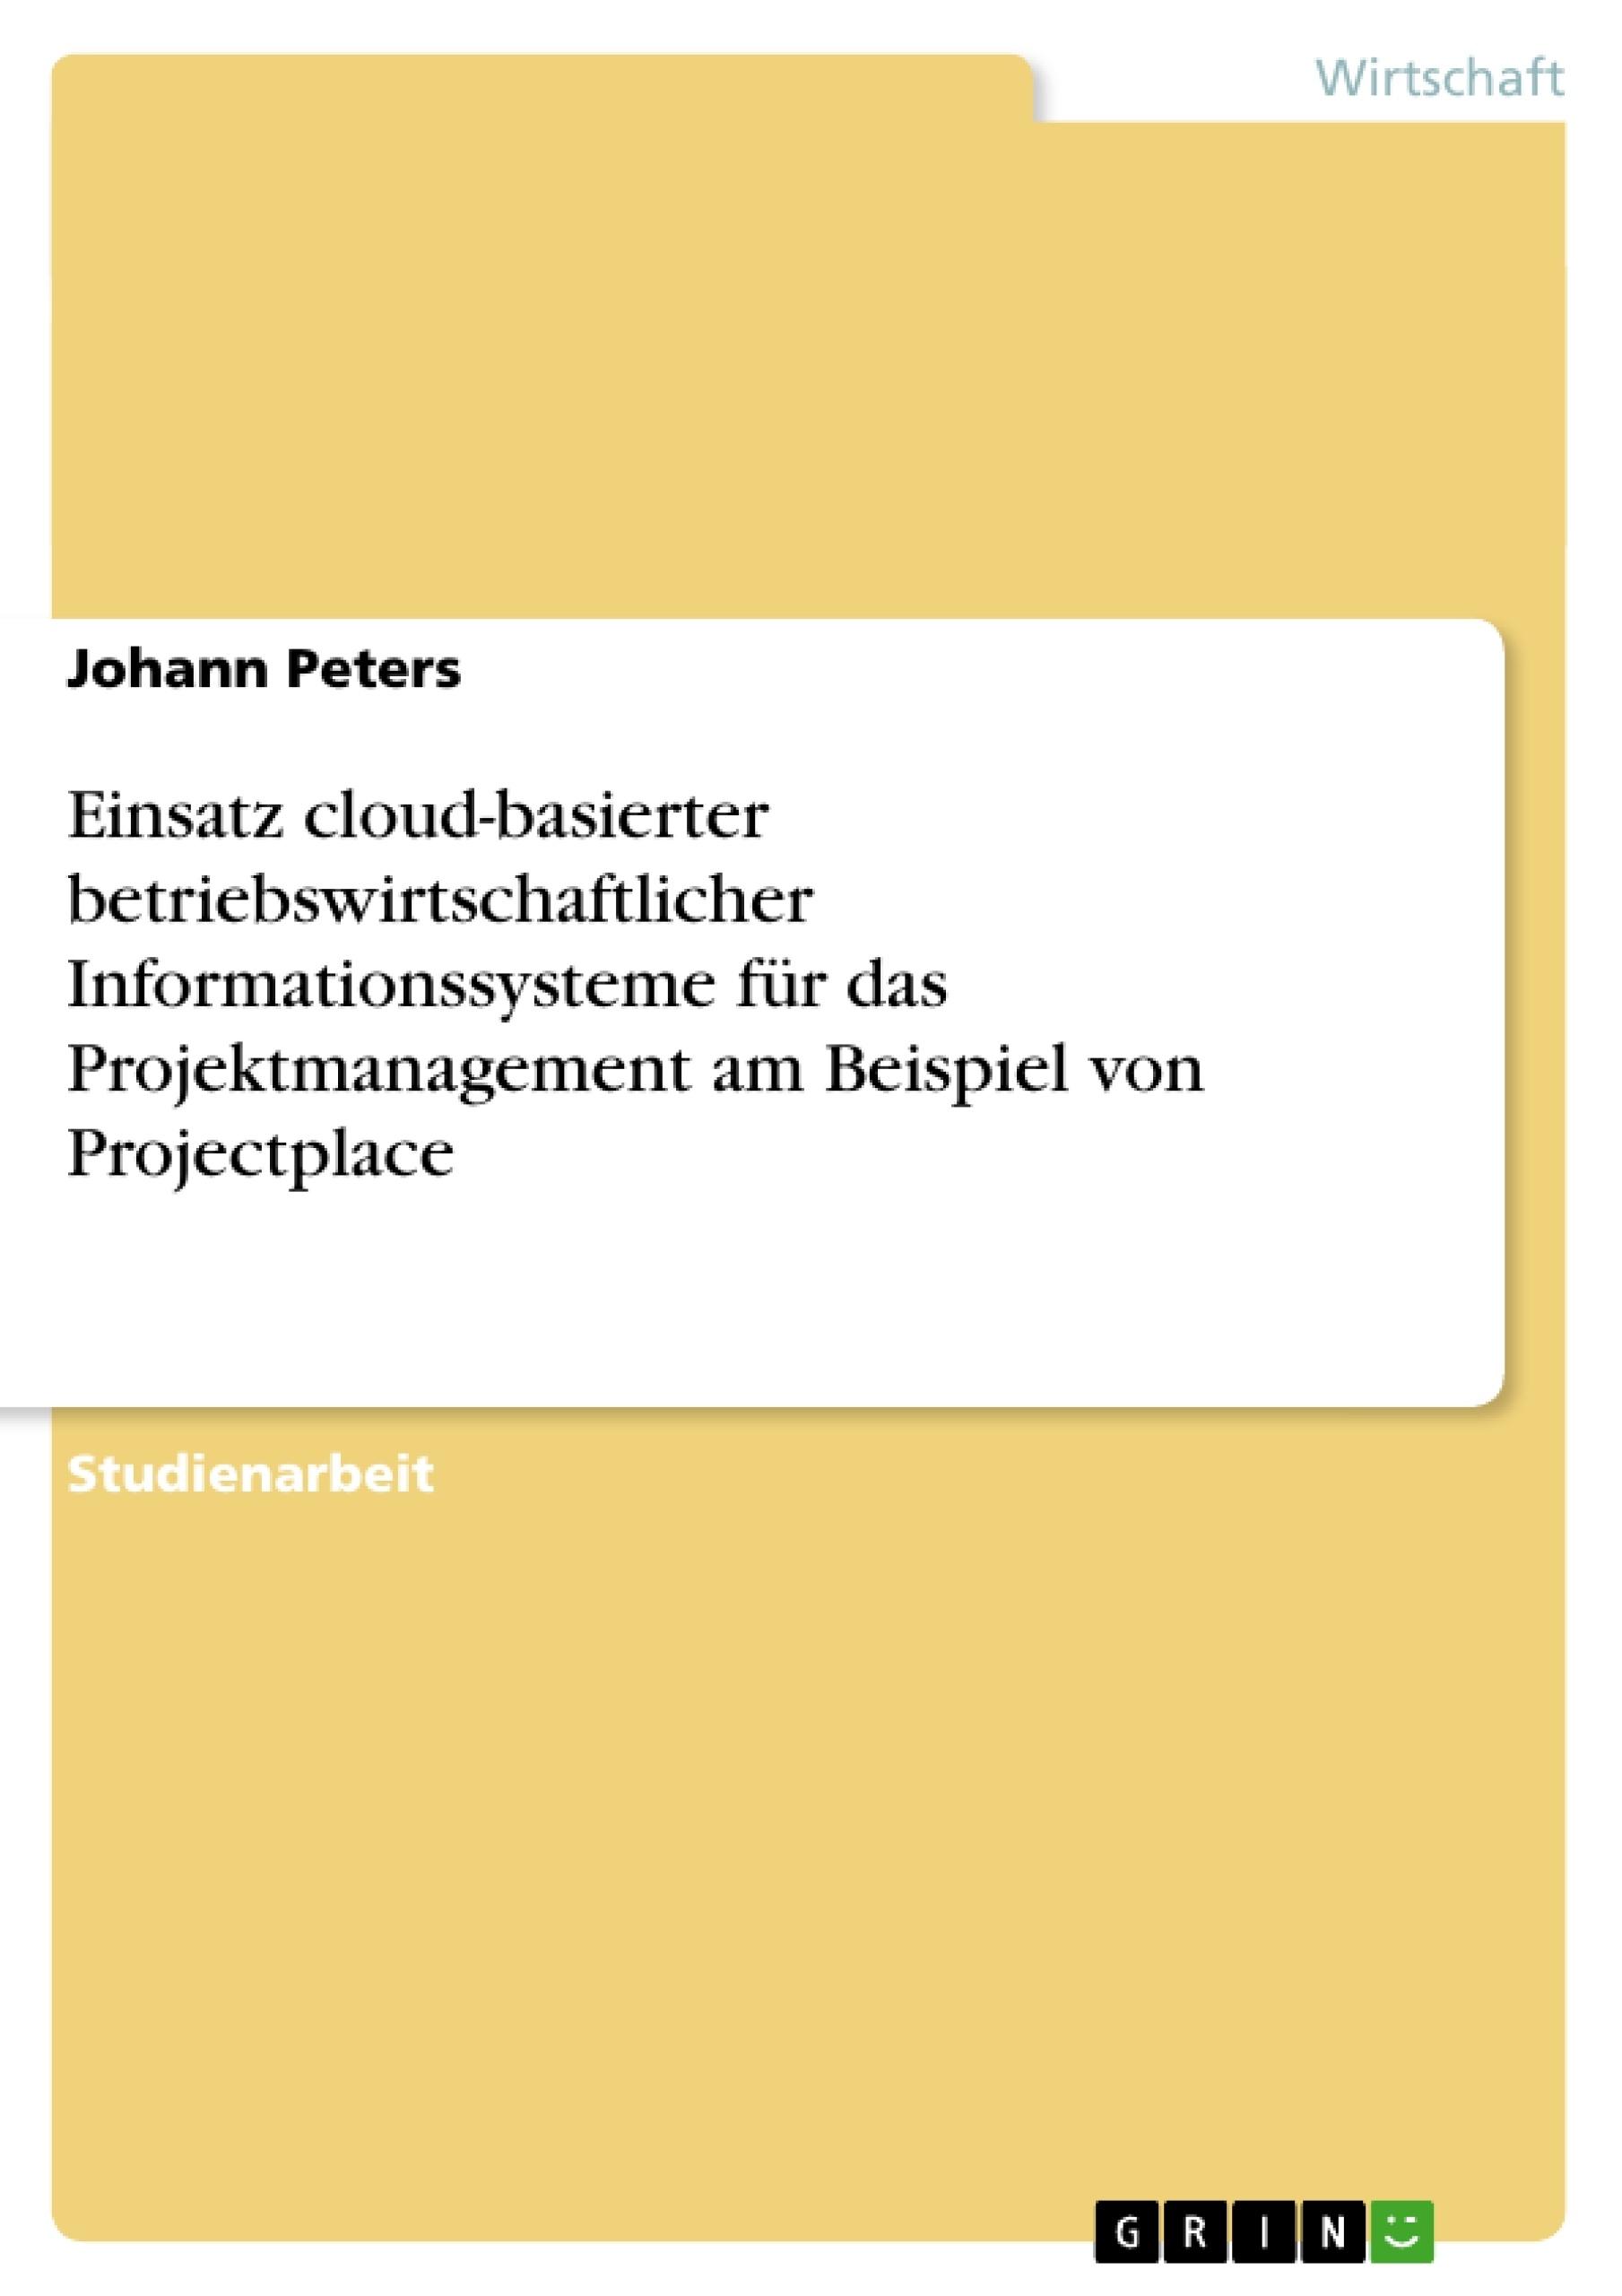 Titel: Einsatz cloud-basierter betriebswirtschaftlicher Informationssysteme für das Projektmanagement am Beispiel von Projectplace